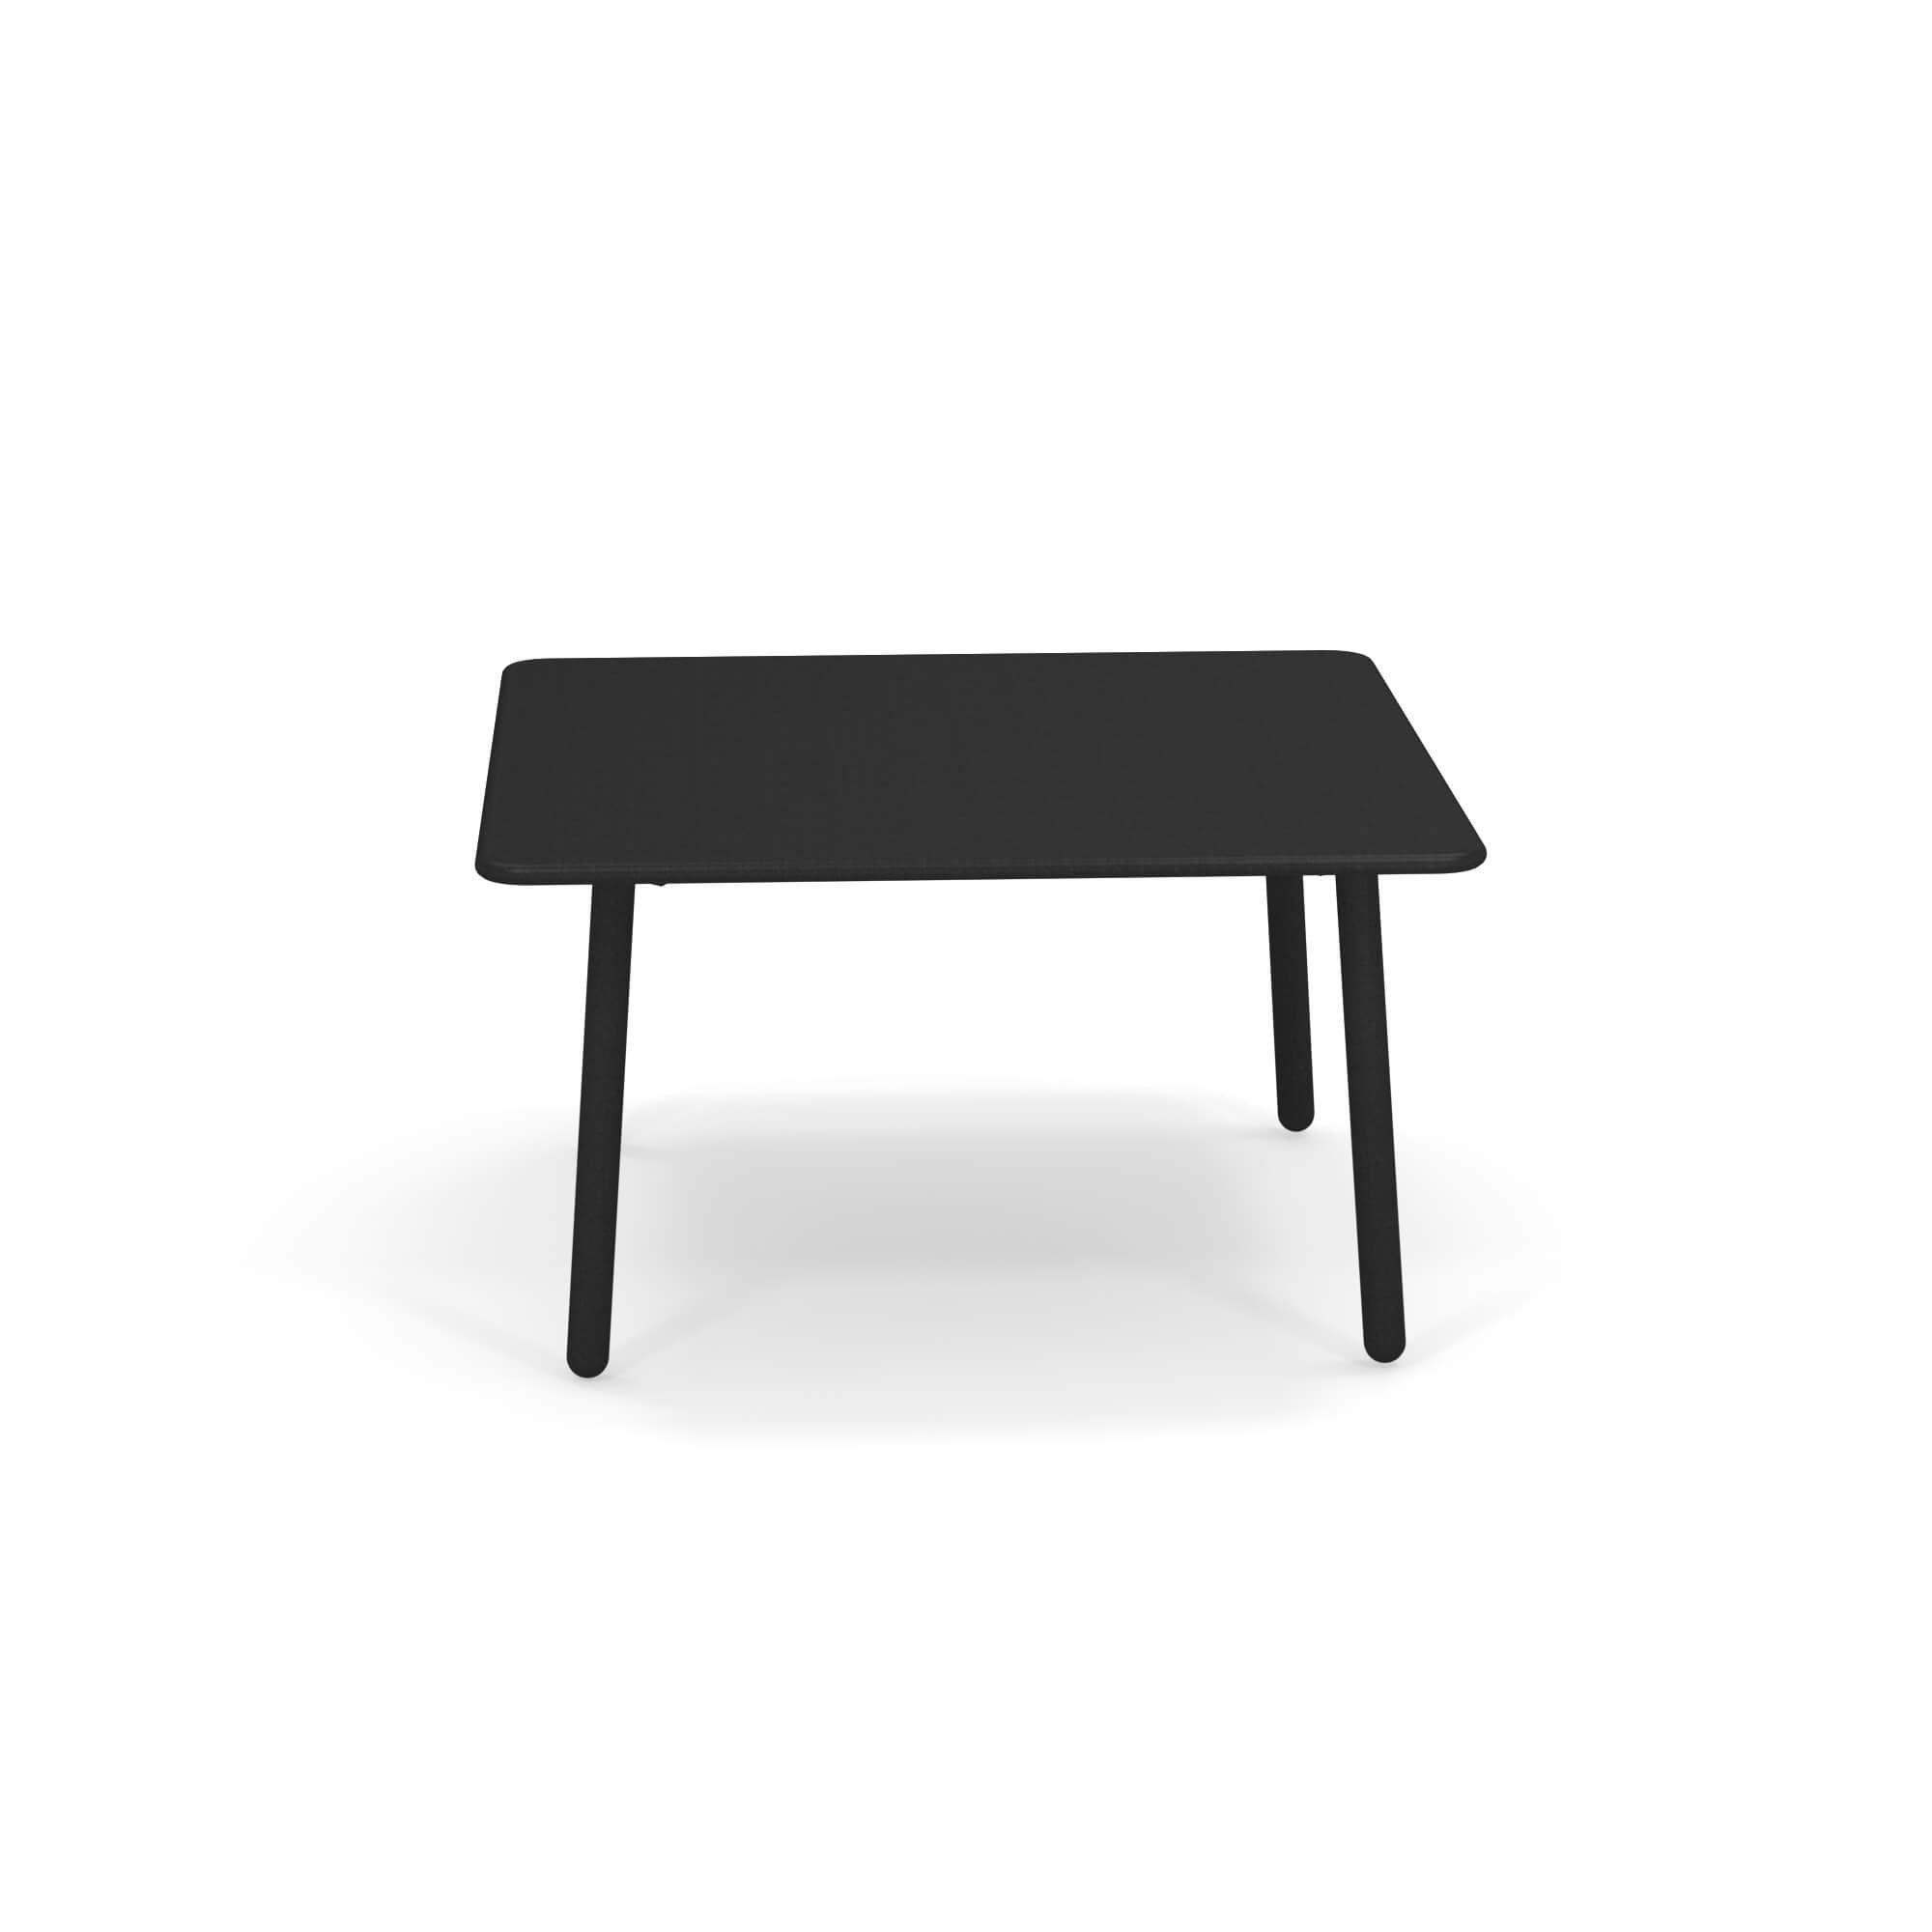 Darwin 526 coffee table from Emu